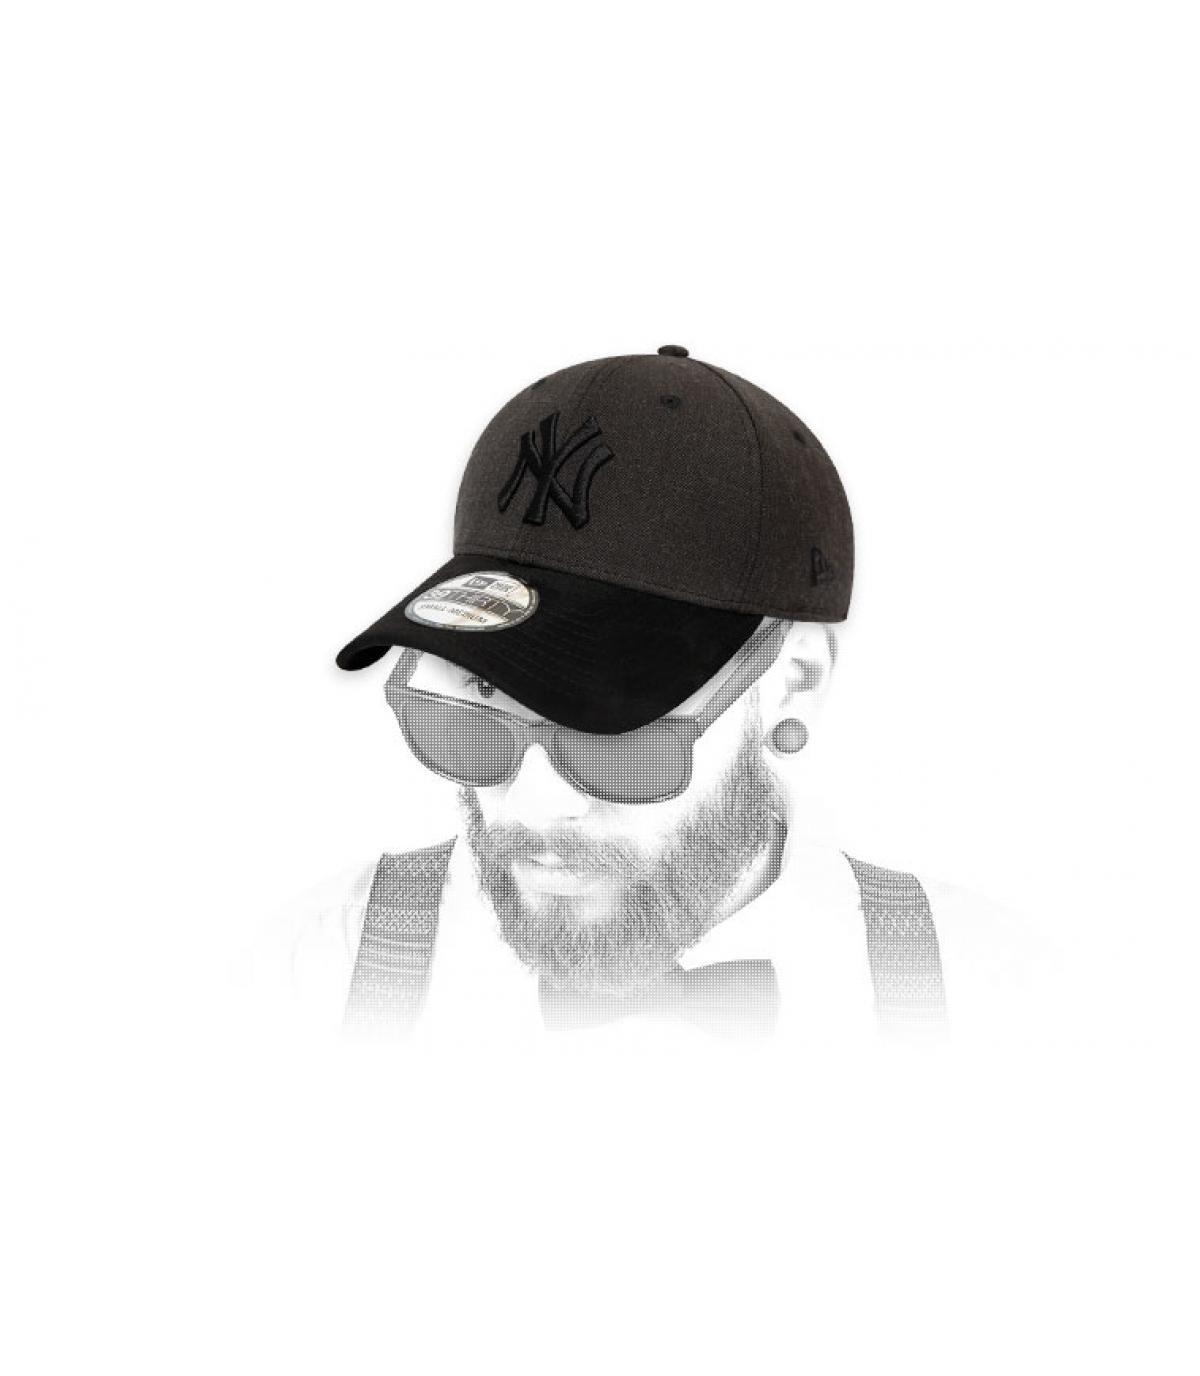 cap NY grigio camoscio nero